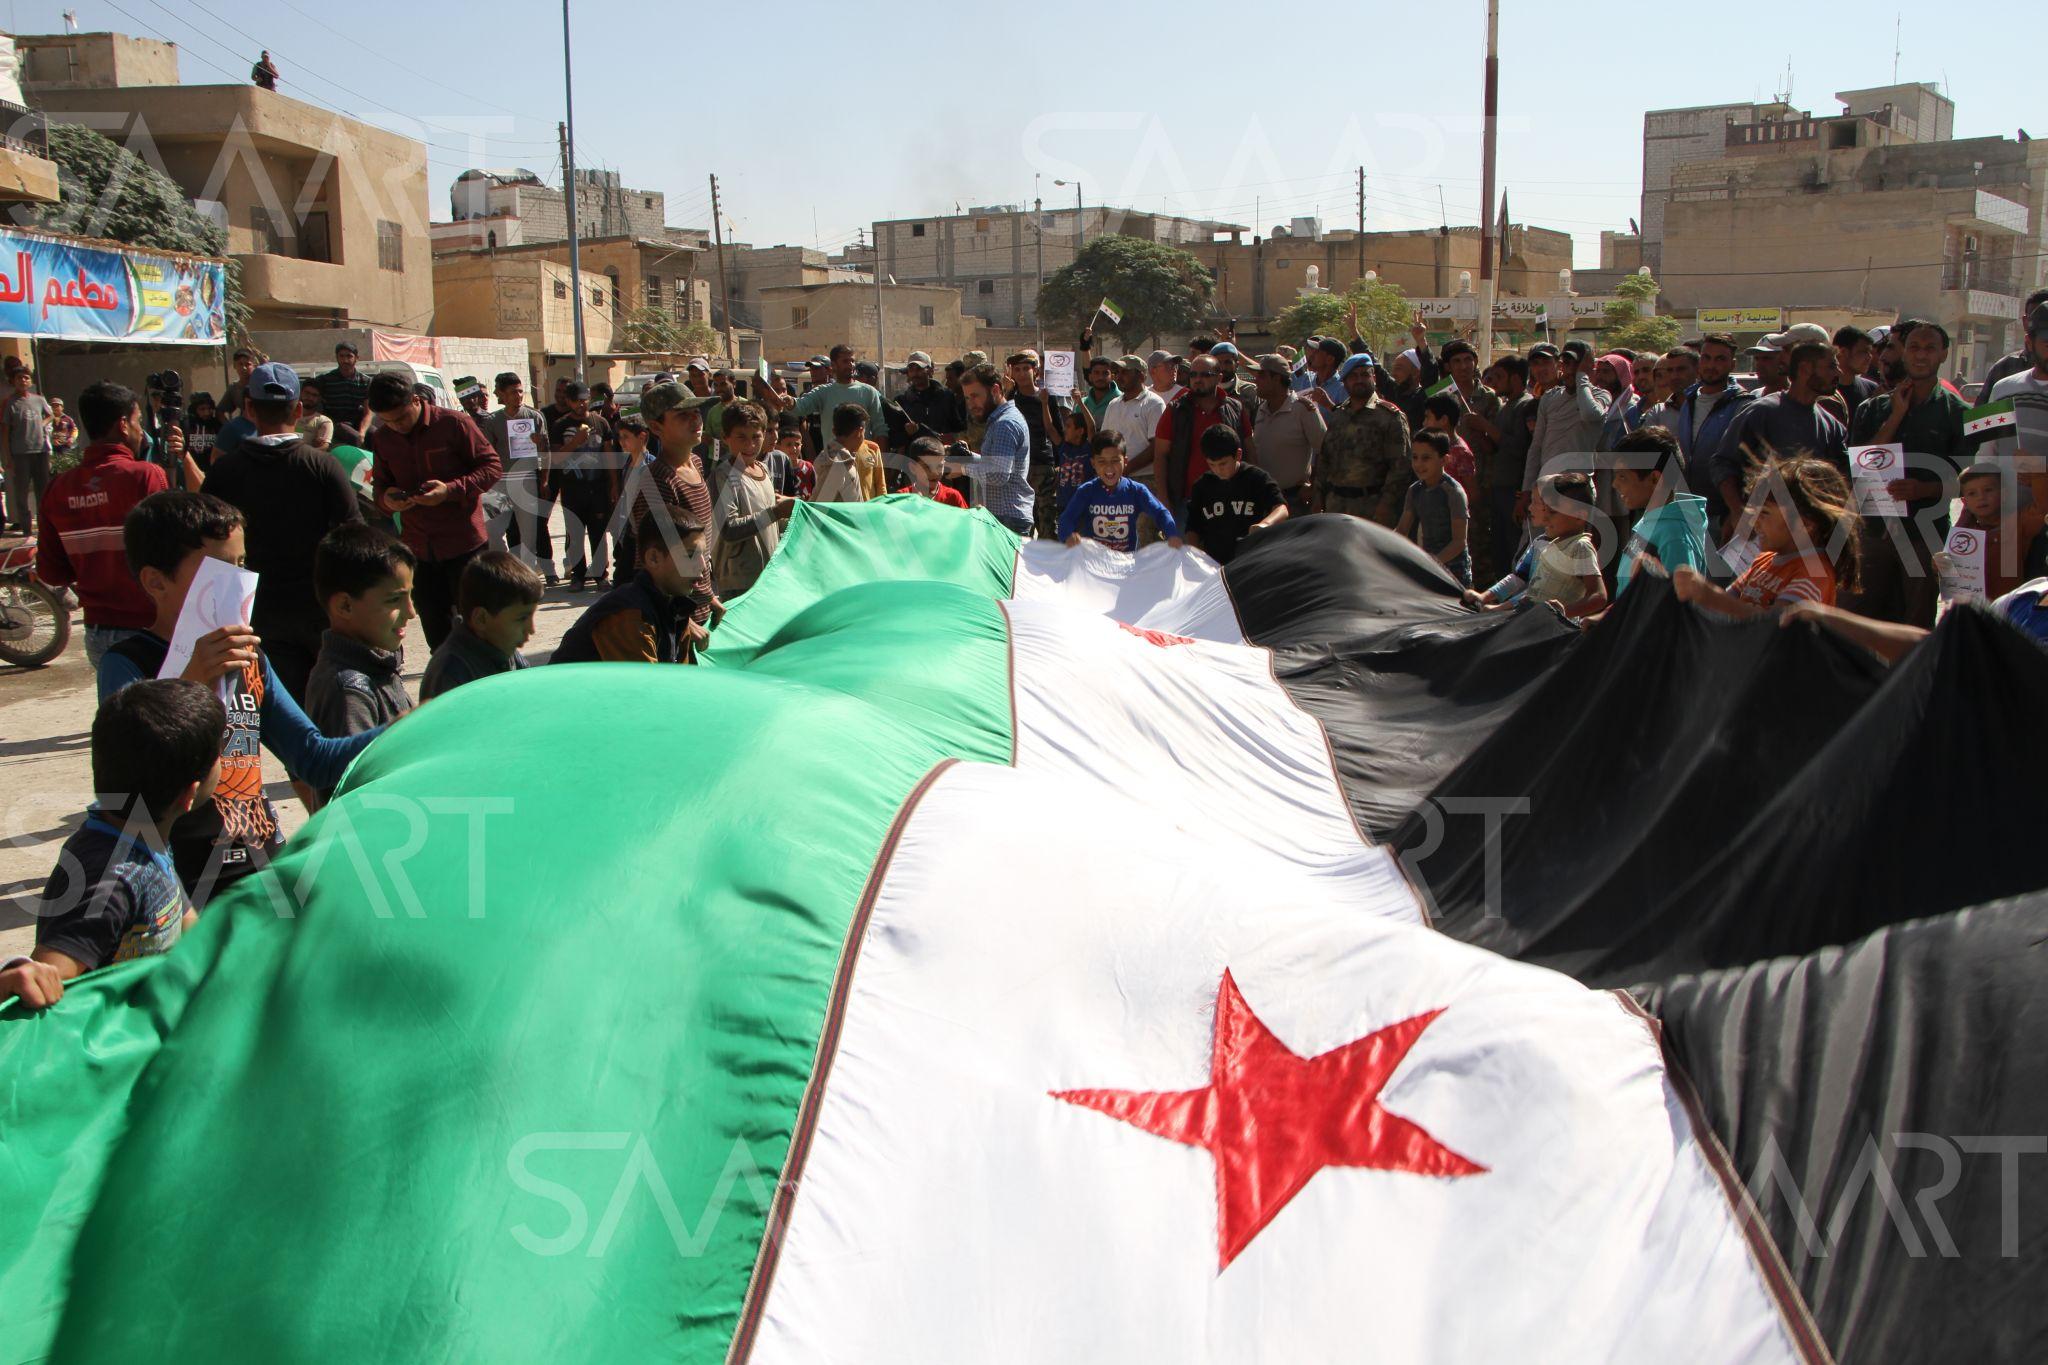 بالصور صور علم الثورة السورية , بوستات لرمز الانتفاضة 4077 9